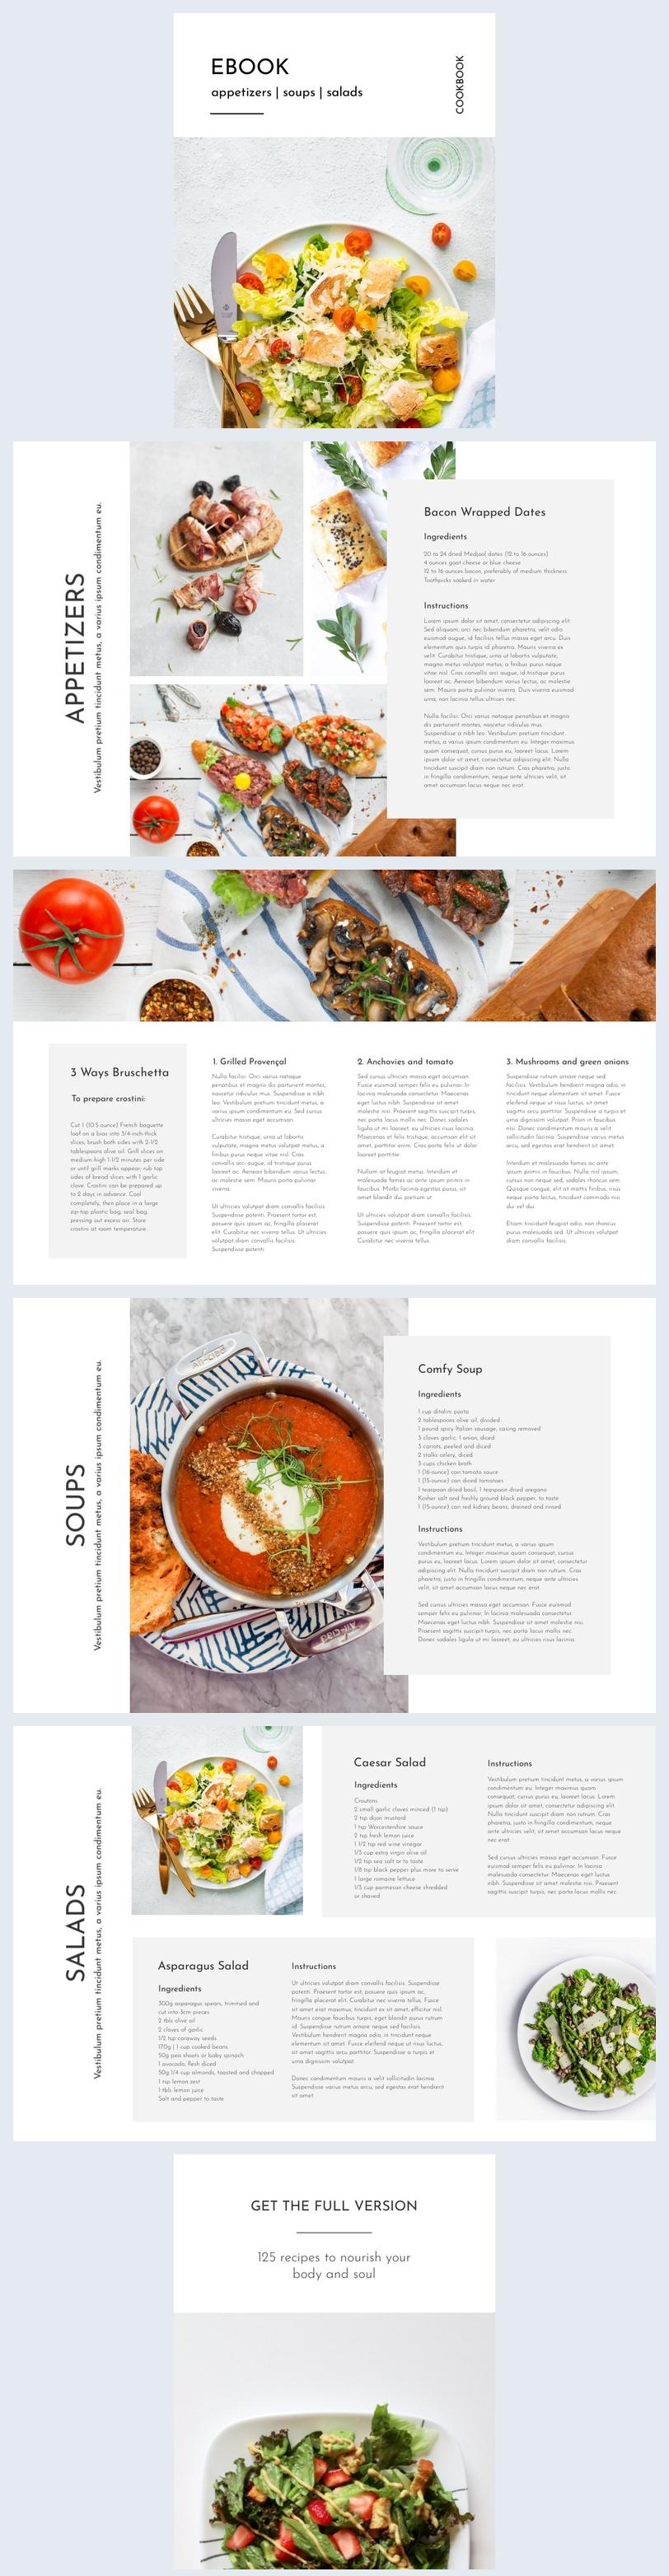 Esempio di grafica per ricettario in eBook